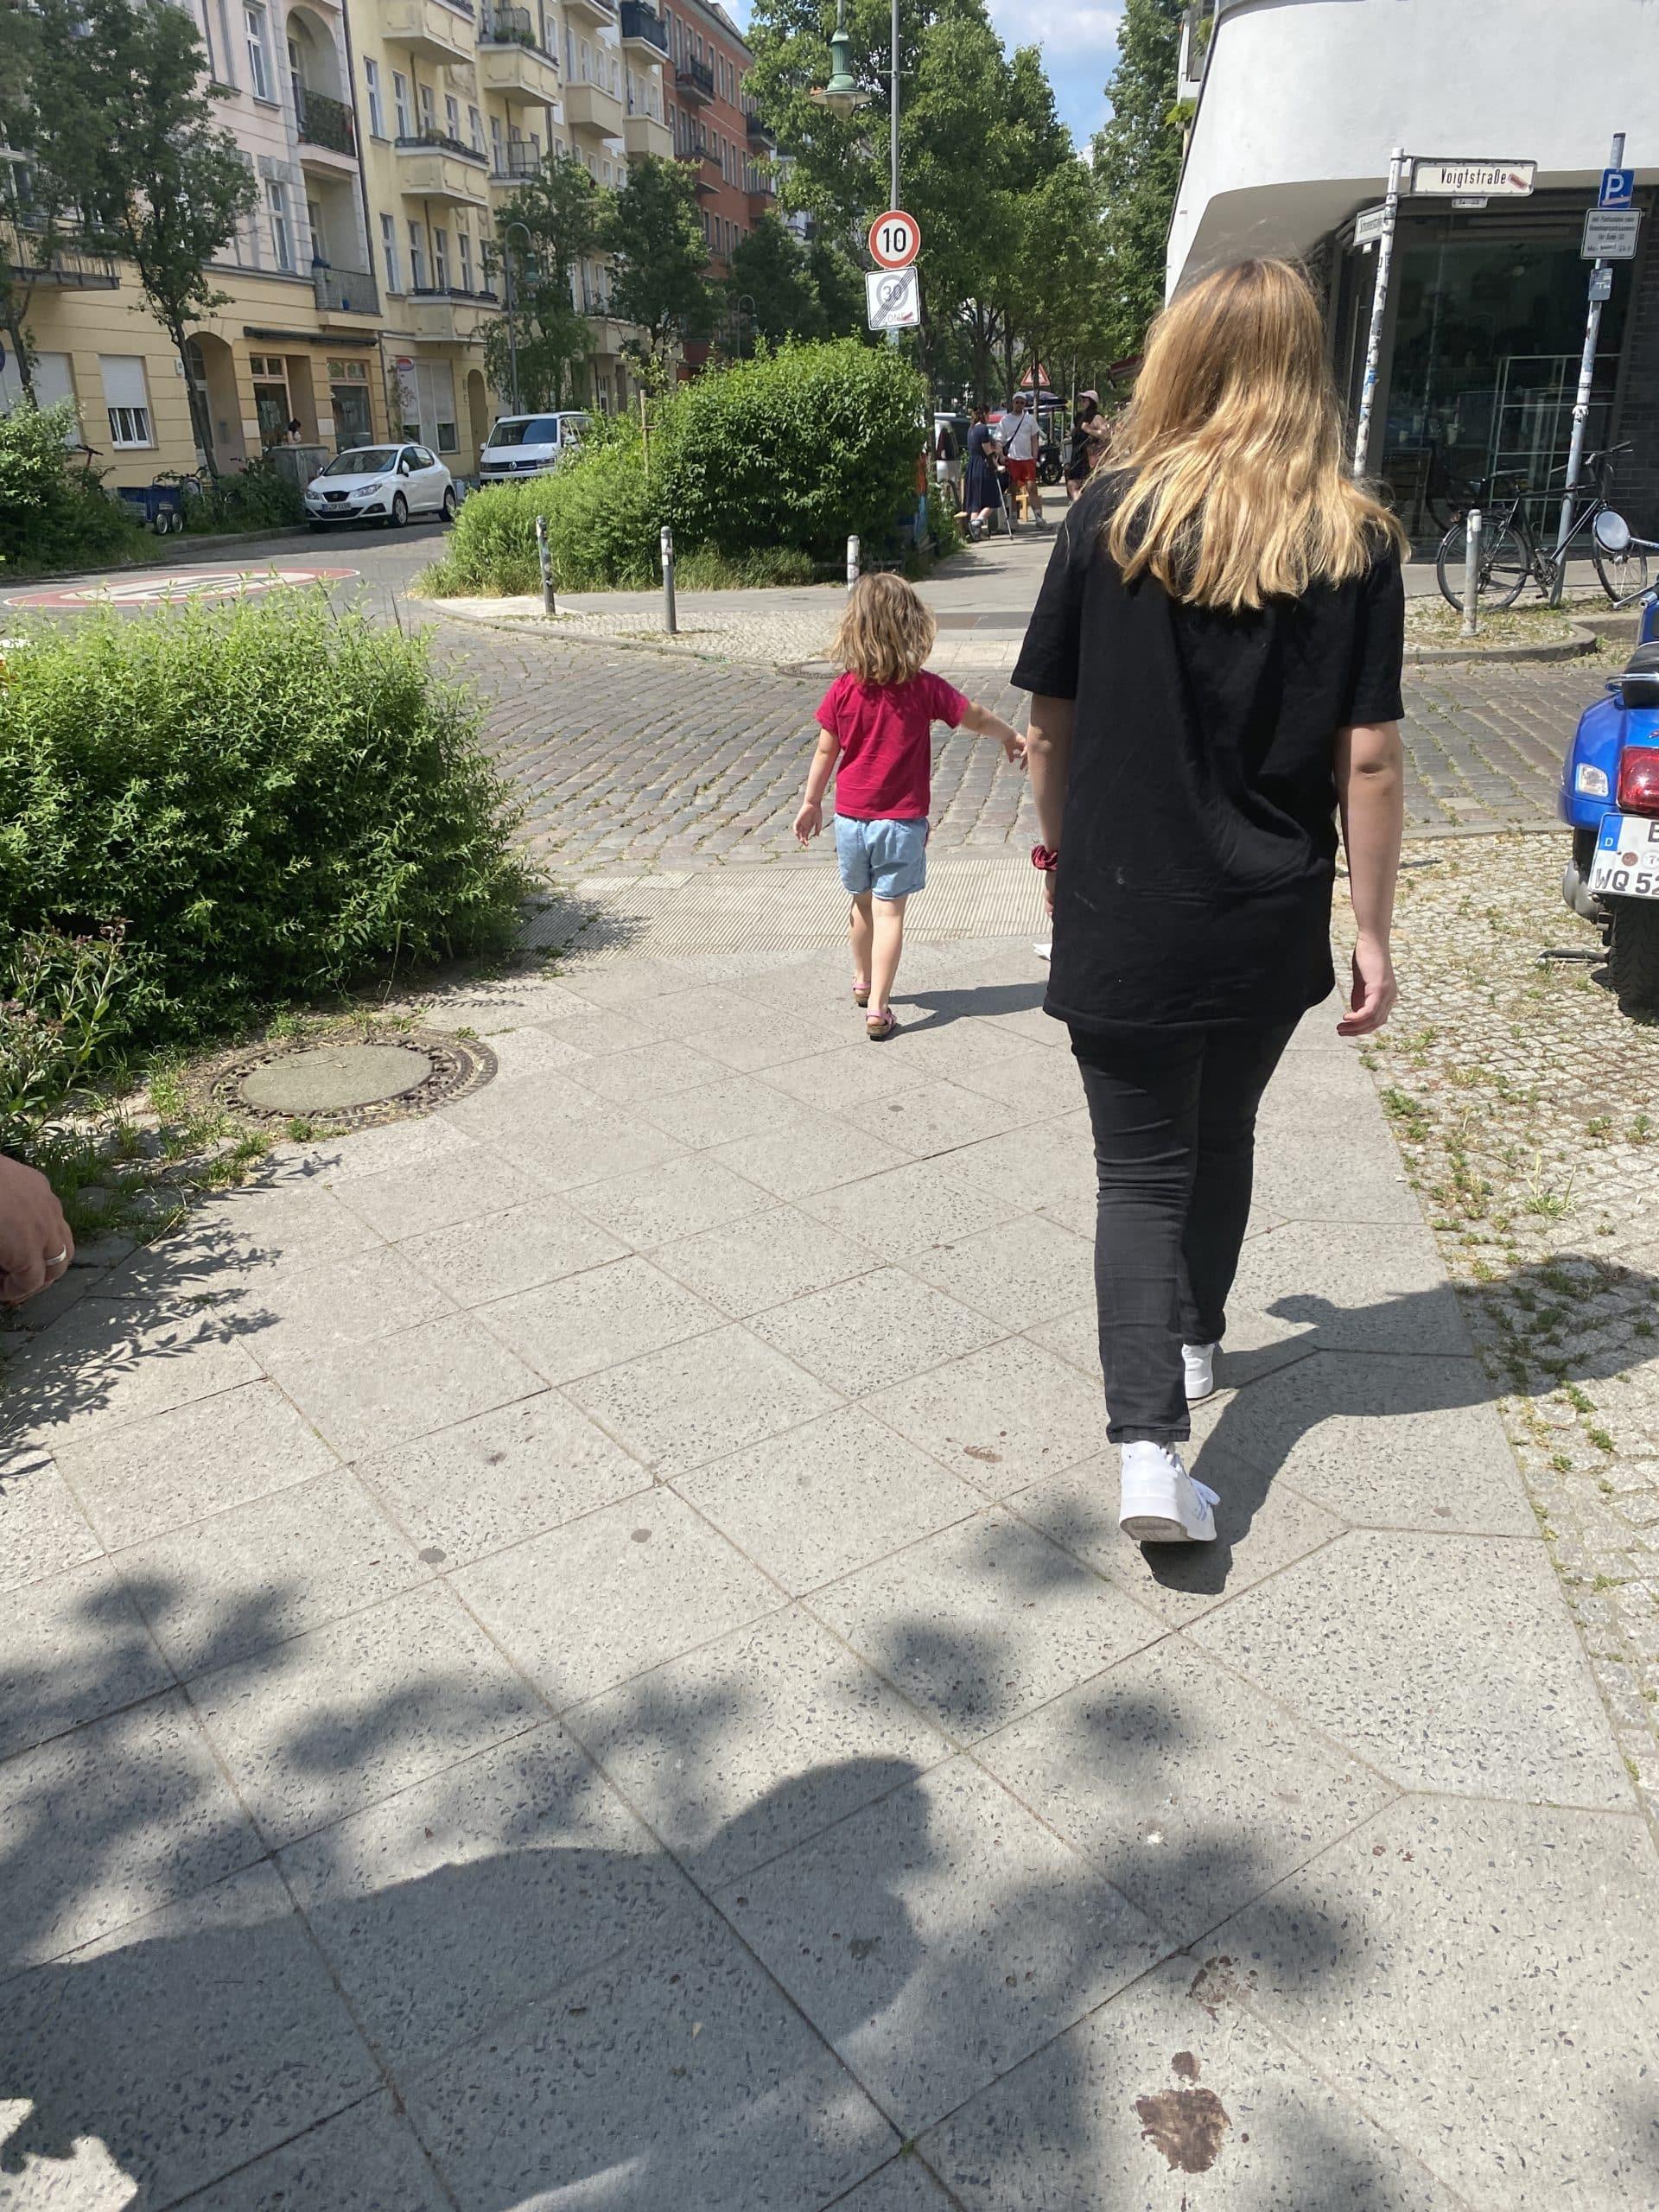 Ein kleiner Ausflug mit allen Kindern in den alten Kiez.